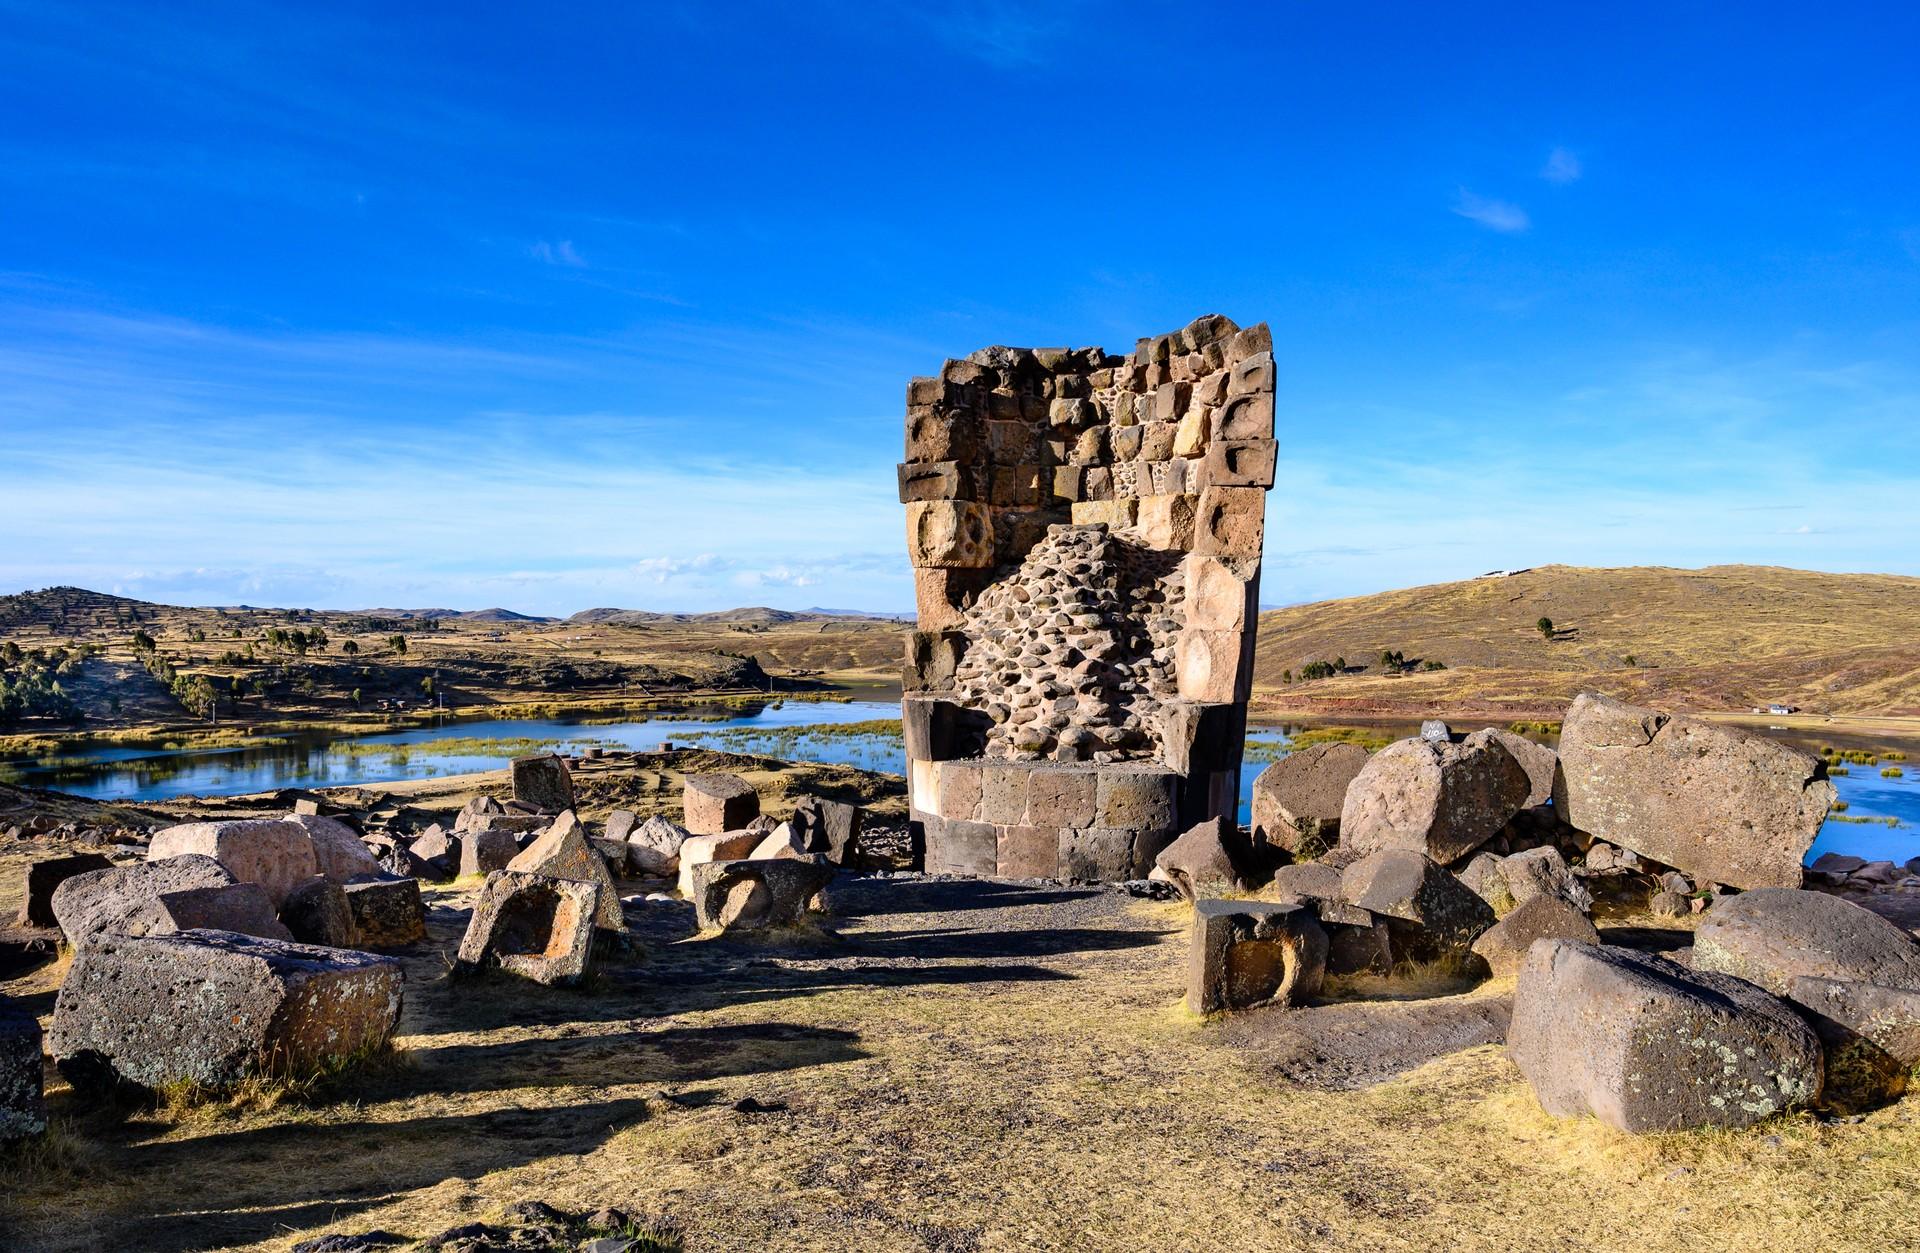 The pre-Inca Sillustani burial ground in Peru